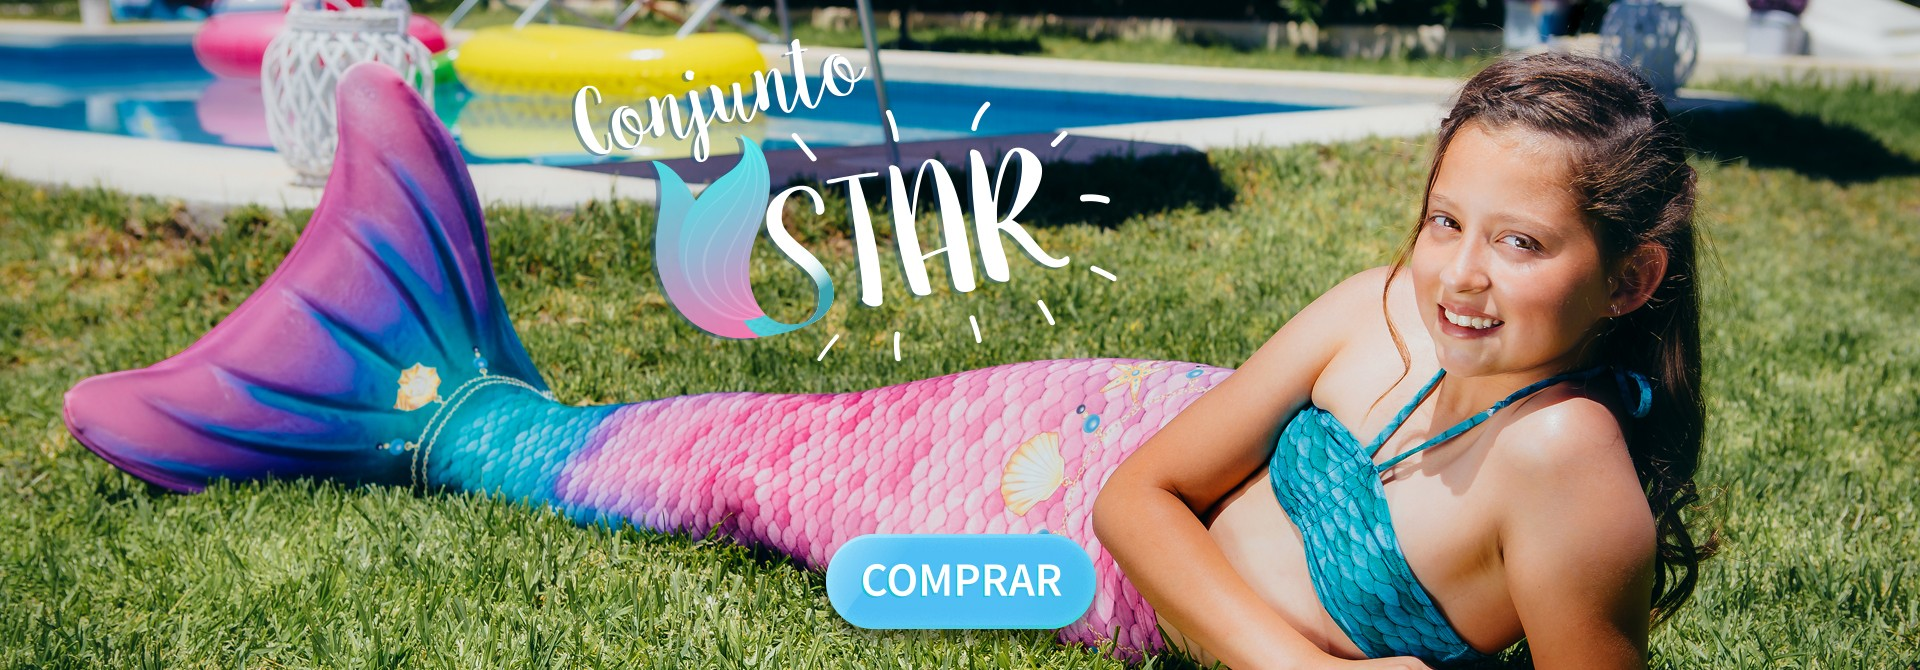 Conjunto Star